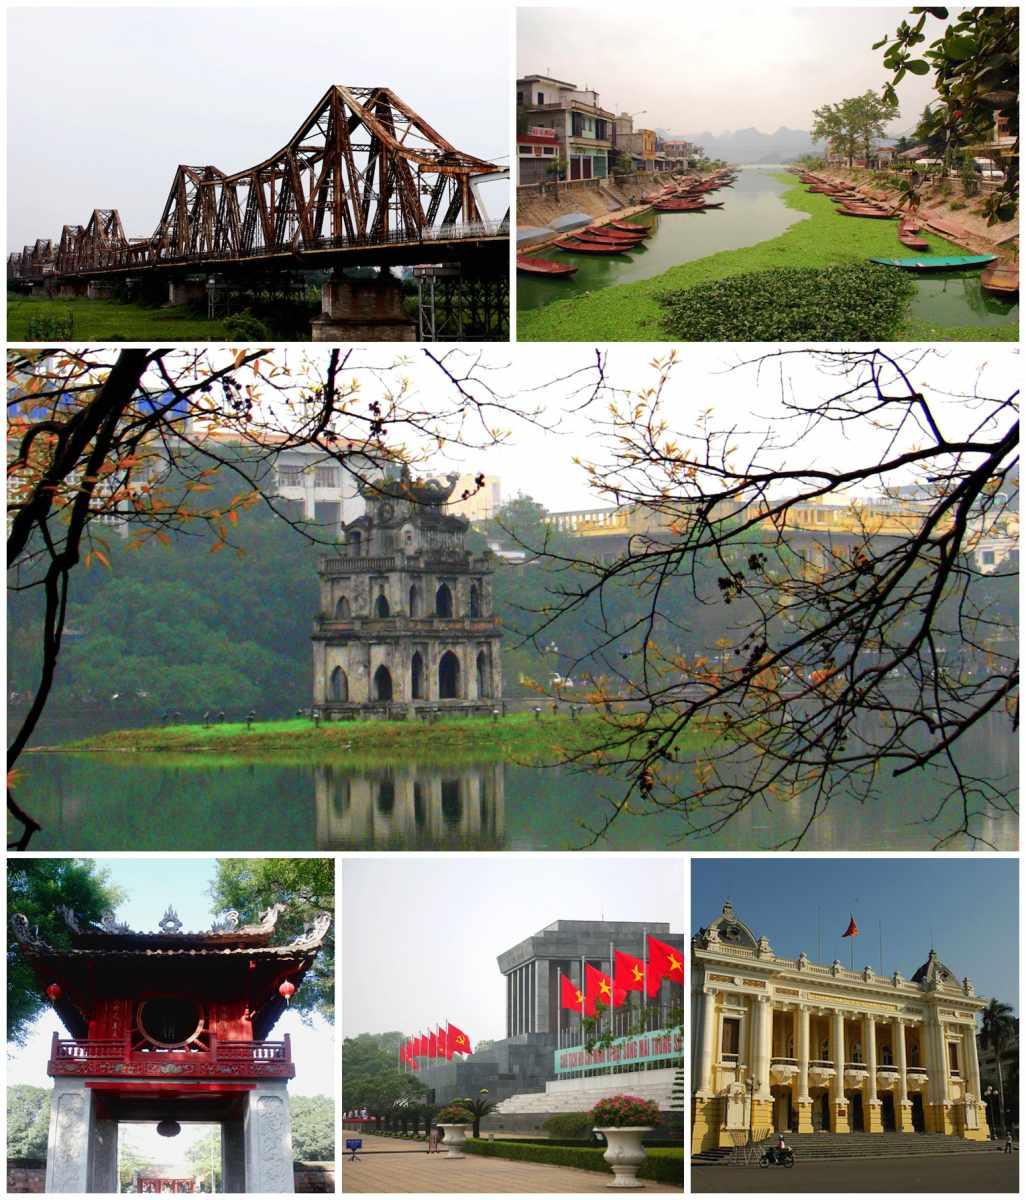 Tour Hà Nội - Đến Hà Nội đi đâu, chơi gì?